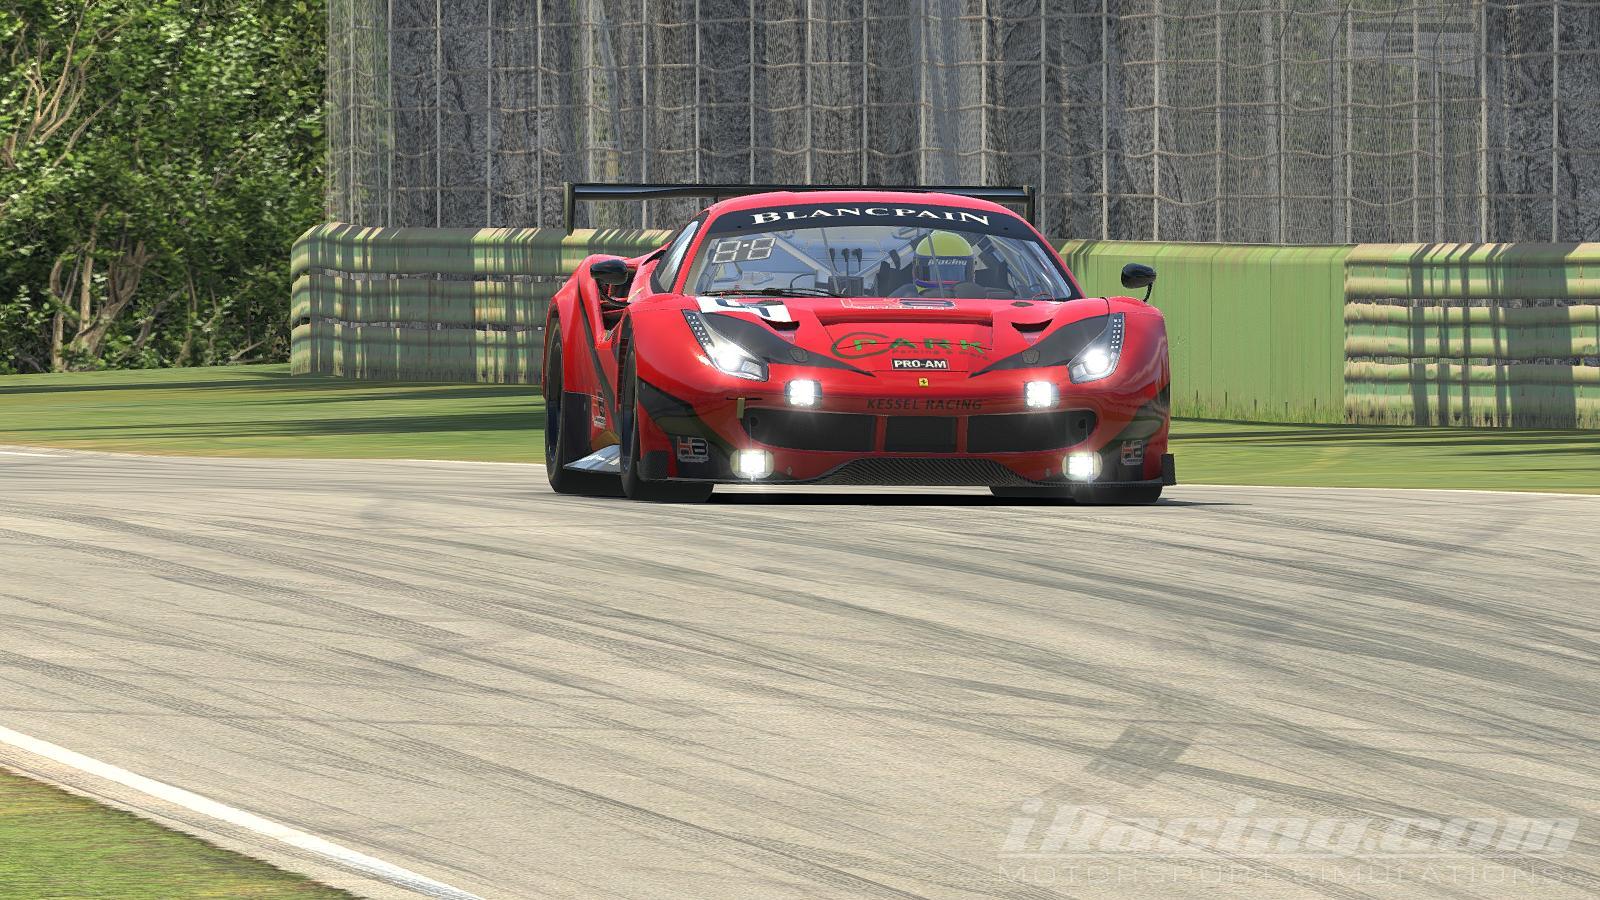 Preview of Kessel Racing team by Felipe Zea